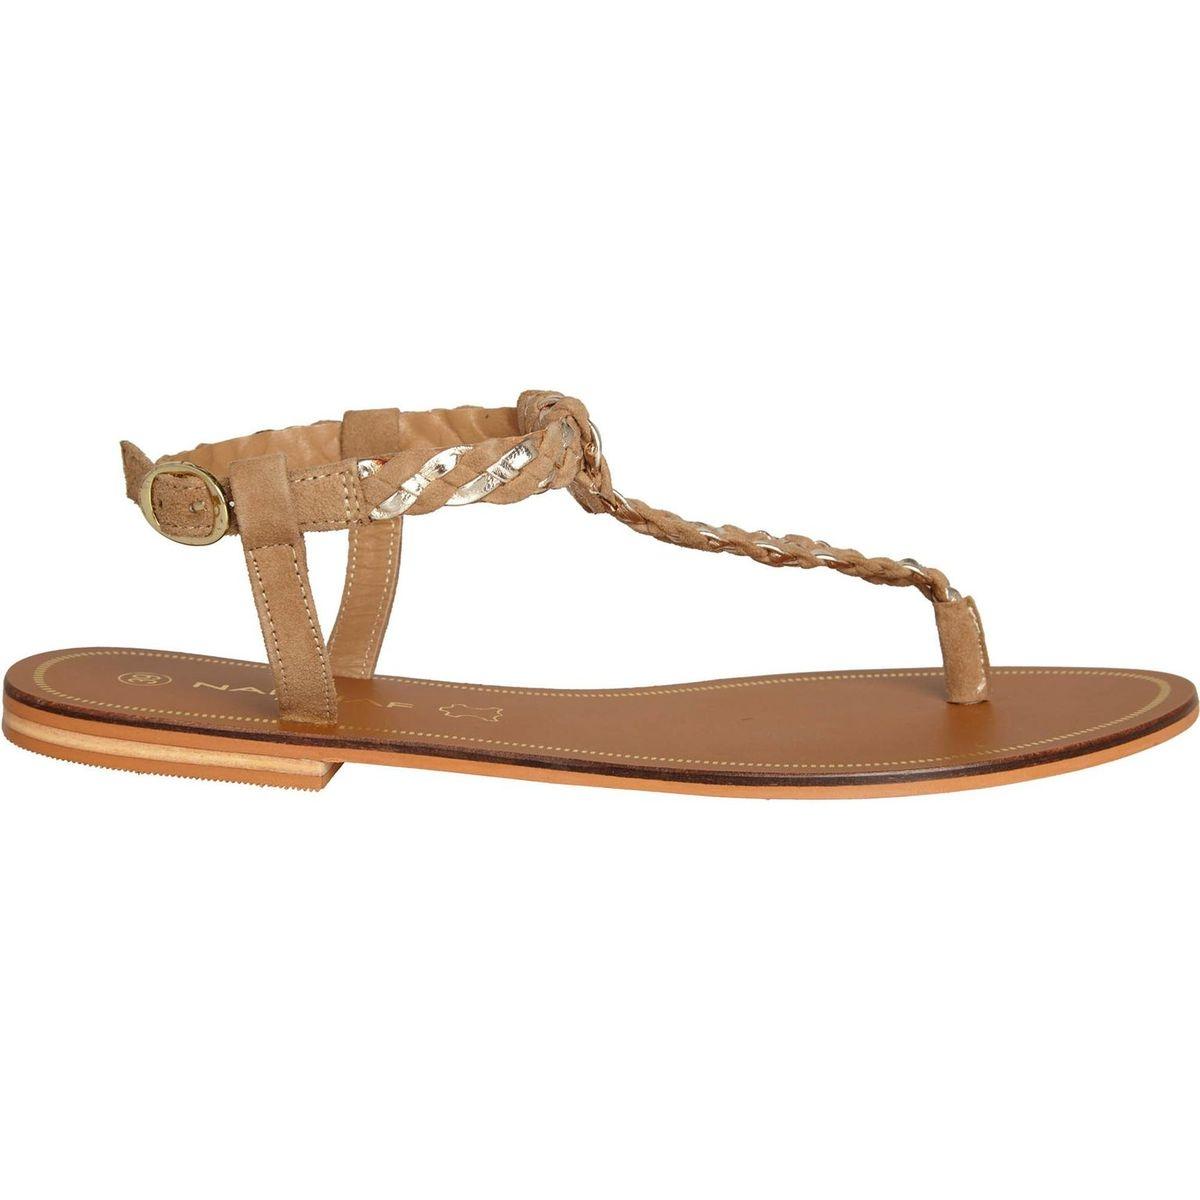 Sandales plates cuir tressé